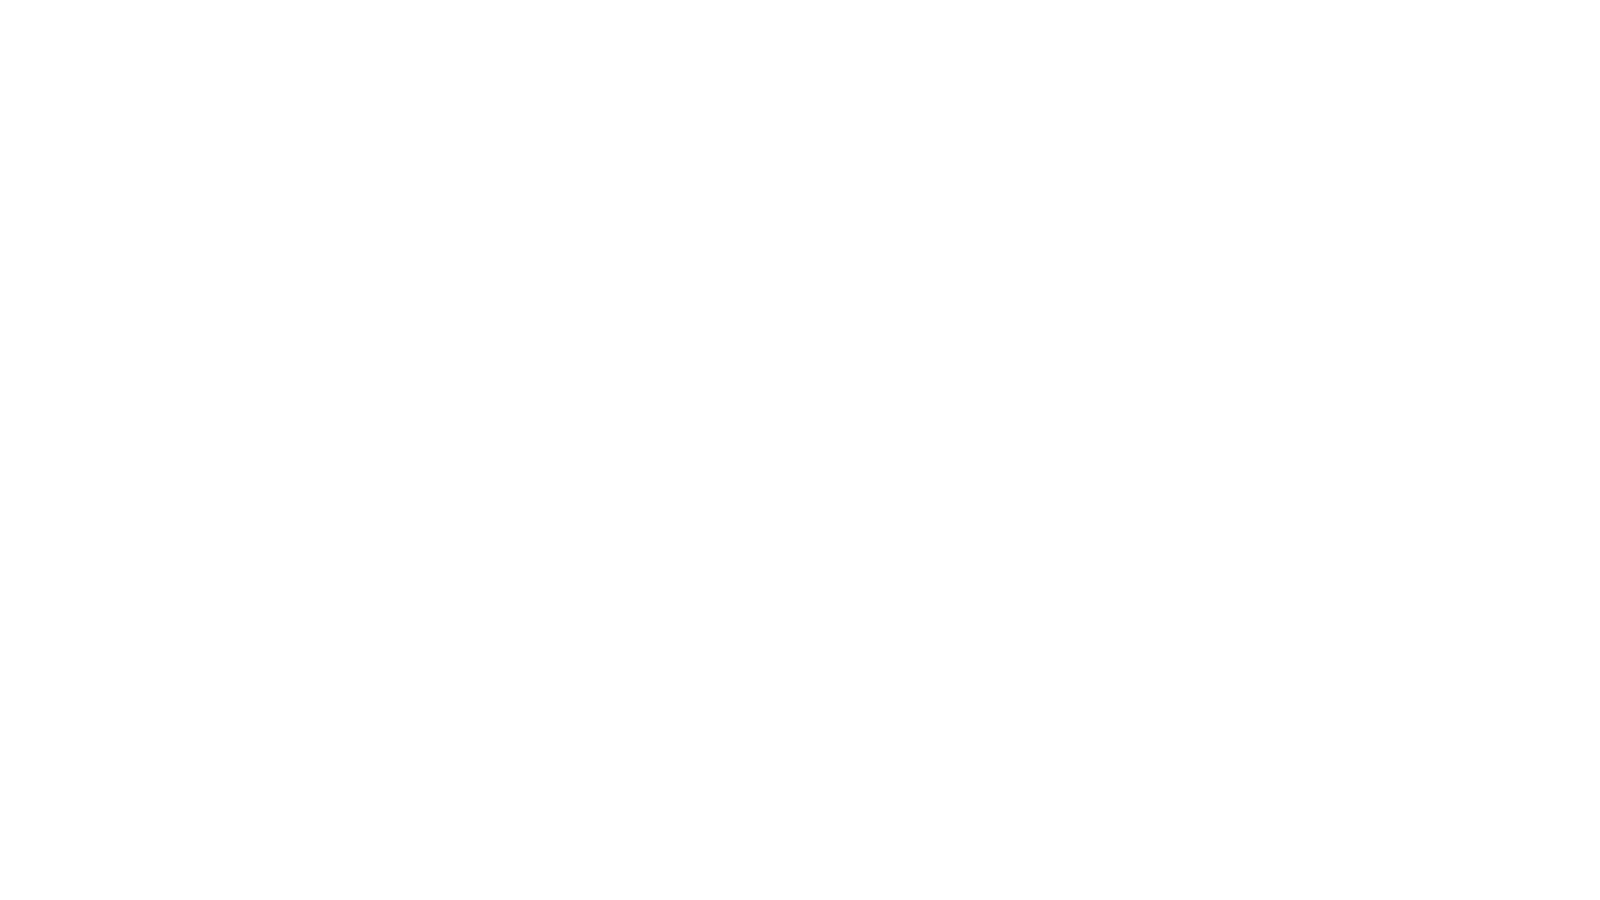 """#lahuellacapsulita #narracionesquesueñan #narracionesparadormir  Medita con Cuentos, Relatos y otras historias que traeré al canal es una nueva sección que lleva por título NARRACIONES QUE SUEÑAN y que comienza con """"El Buscador"""" de Jorge Bucay:      La historia la podéis encontrar en el libro """"Cuentos para pensar"""", el que su          autor publicó justo después de """"Déjame que te cuente"""". En esta ocasión,      Jorge Bucay tiene como objetivo crear un vínculo con el lector donde el     cuento se convierta en un lazo único con el escritor. Bucay hace ante todo      hace una apología de la solidez y la fiabilidad de la indiscutible mirada del      sentido común.  Encontrarás más información en la web: https://www.lacapsuladelacreatividad.info/capviajera  También me tienes en: ➔ Facebook: https://www.facebook.com/lahuellacapsulita ➔ Twitter: https://www.twitter.com/Isa_Ruiz78 ➔ Instagram: https://www.instagram.com/lacapsulaviajera  Contacta en el email: ➔ hola@lacapsuladelacreatividad.info"""